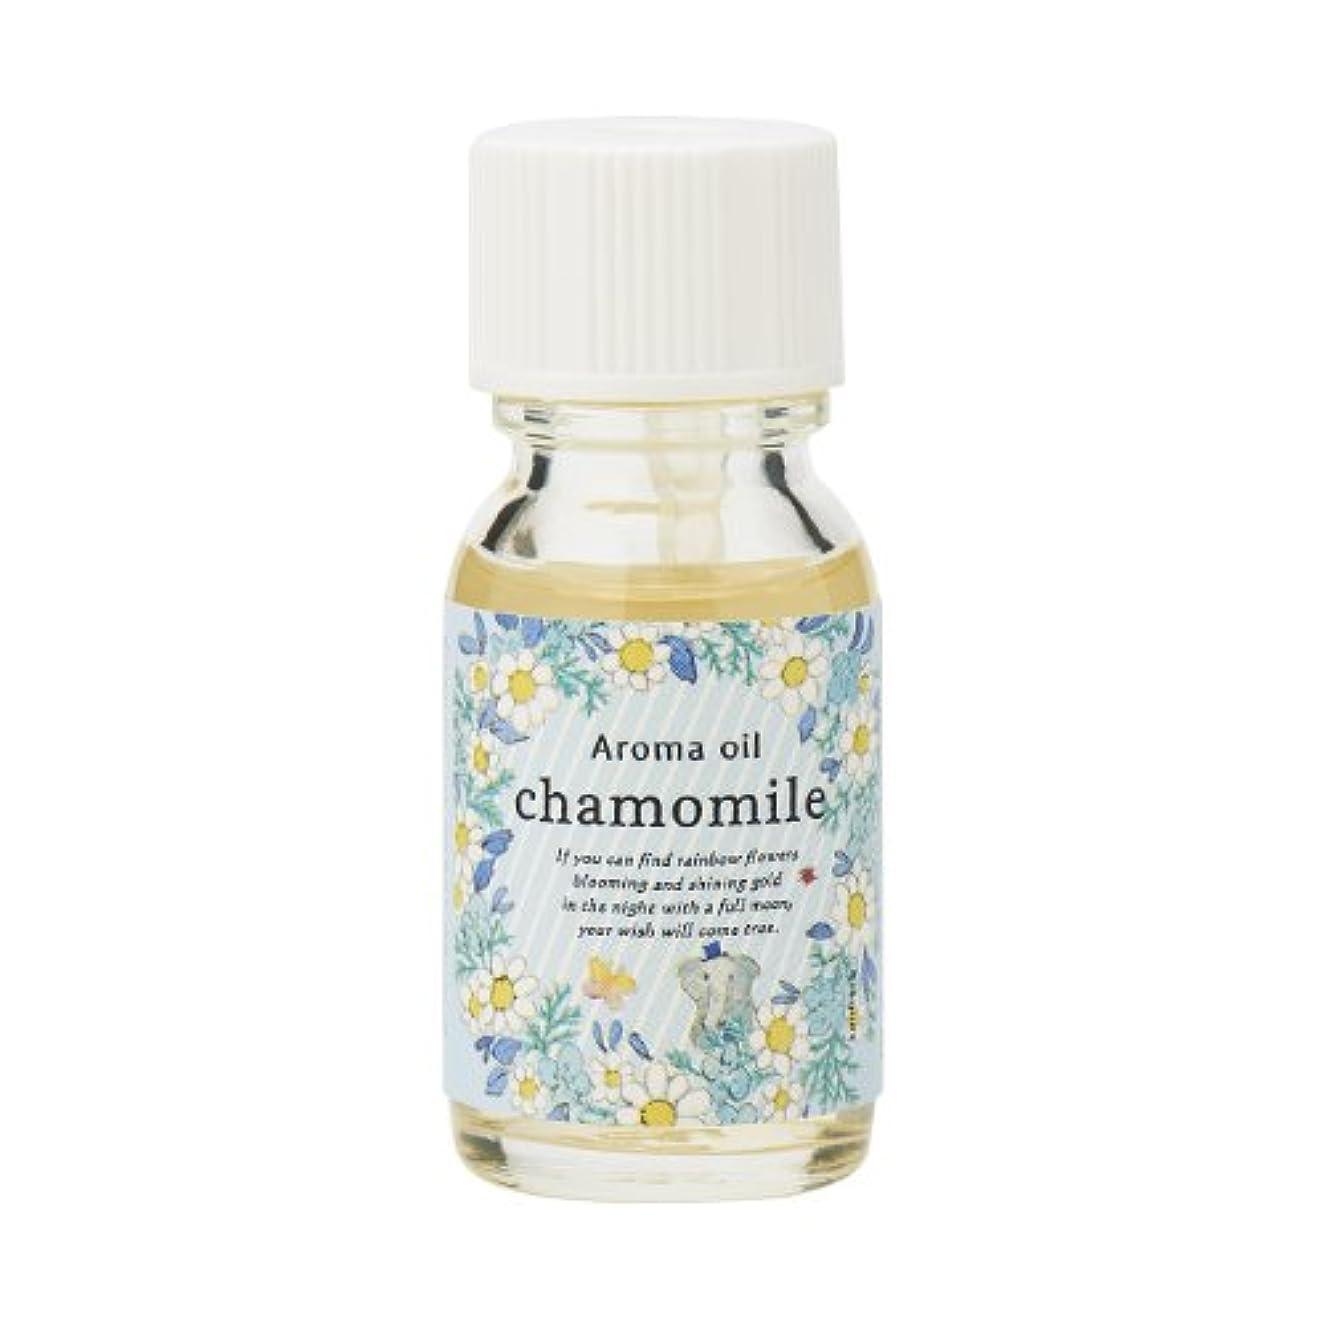 破壊的欠如動詞サンハーブ アロマオイル カモマイル 13ml(やさしく穏やかな甘い香り)